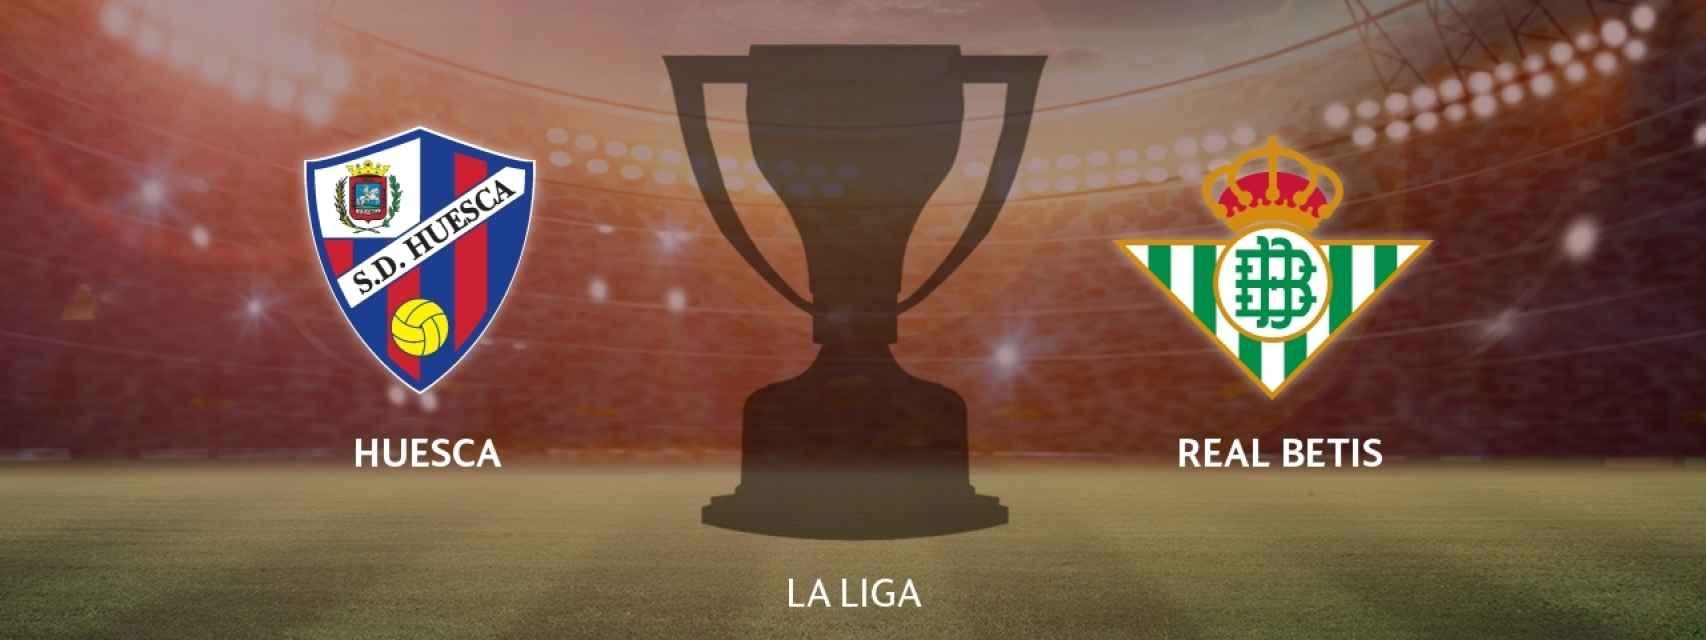 Huesca - Real Betis